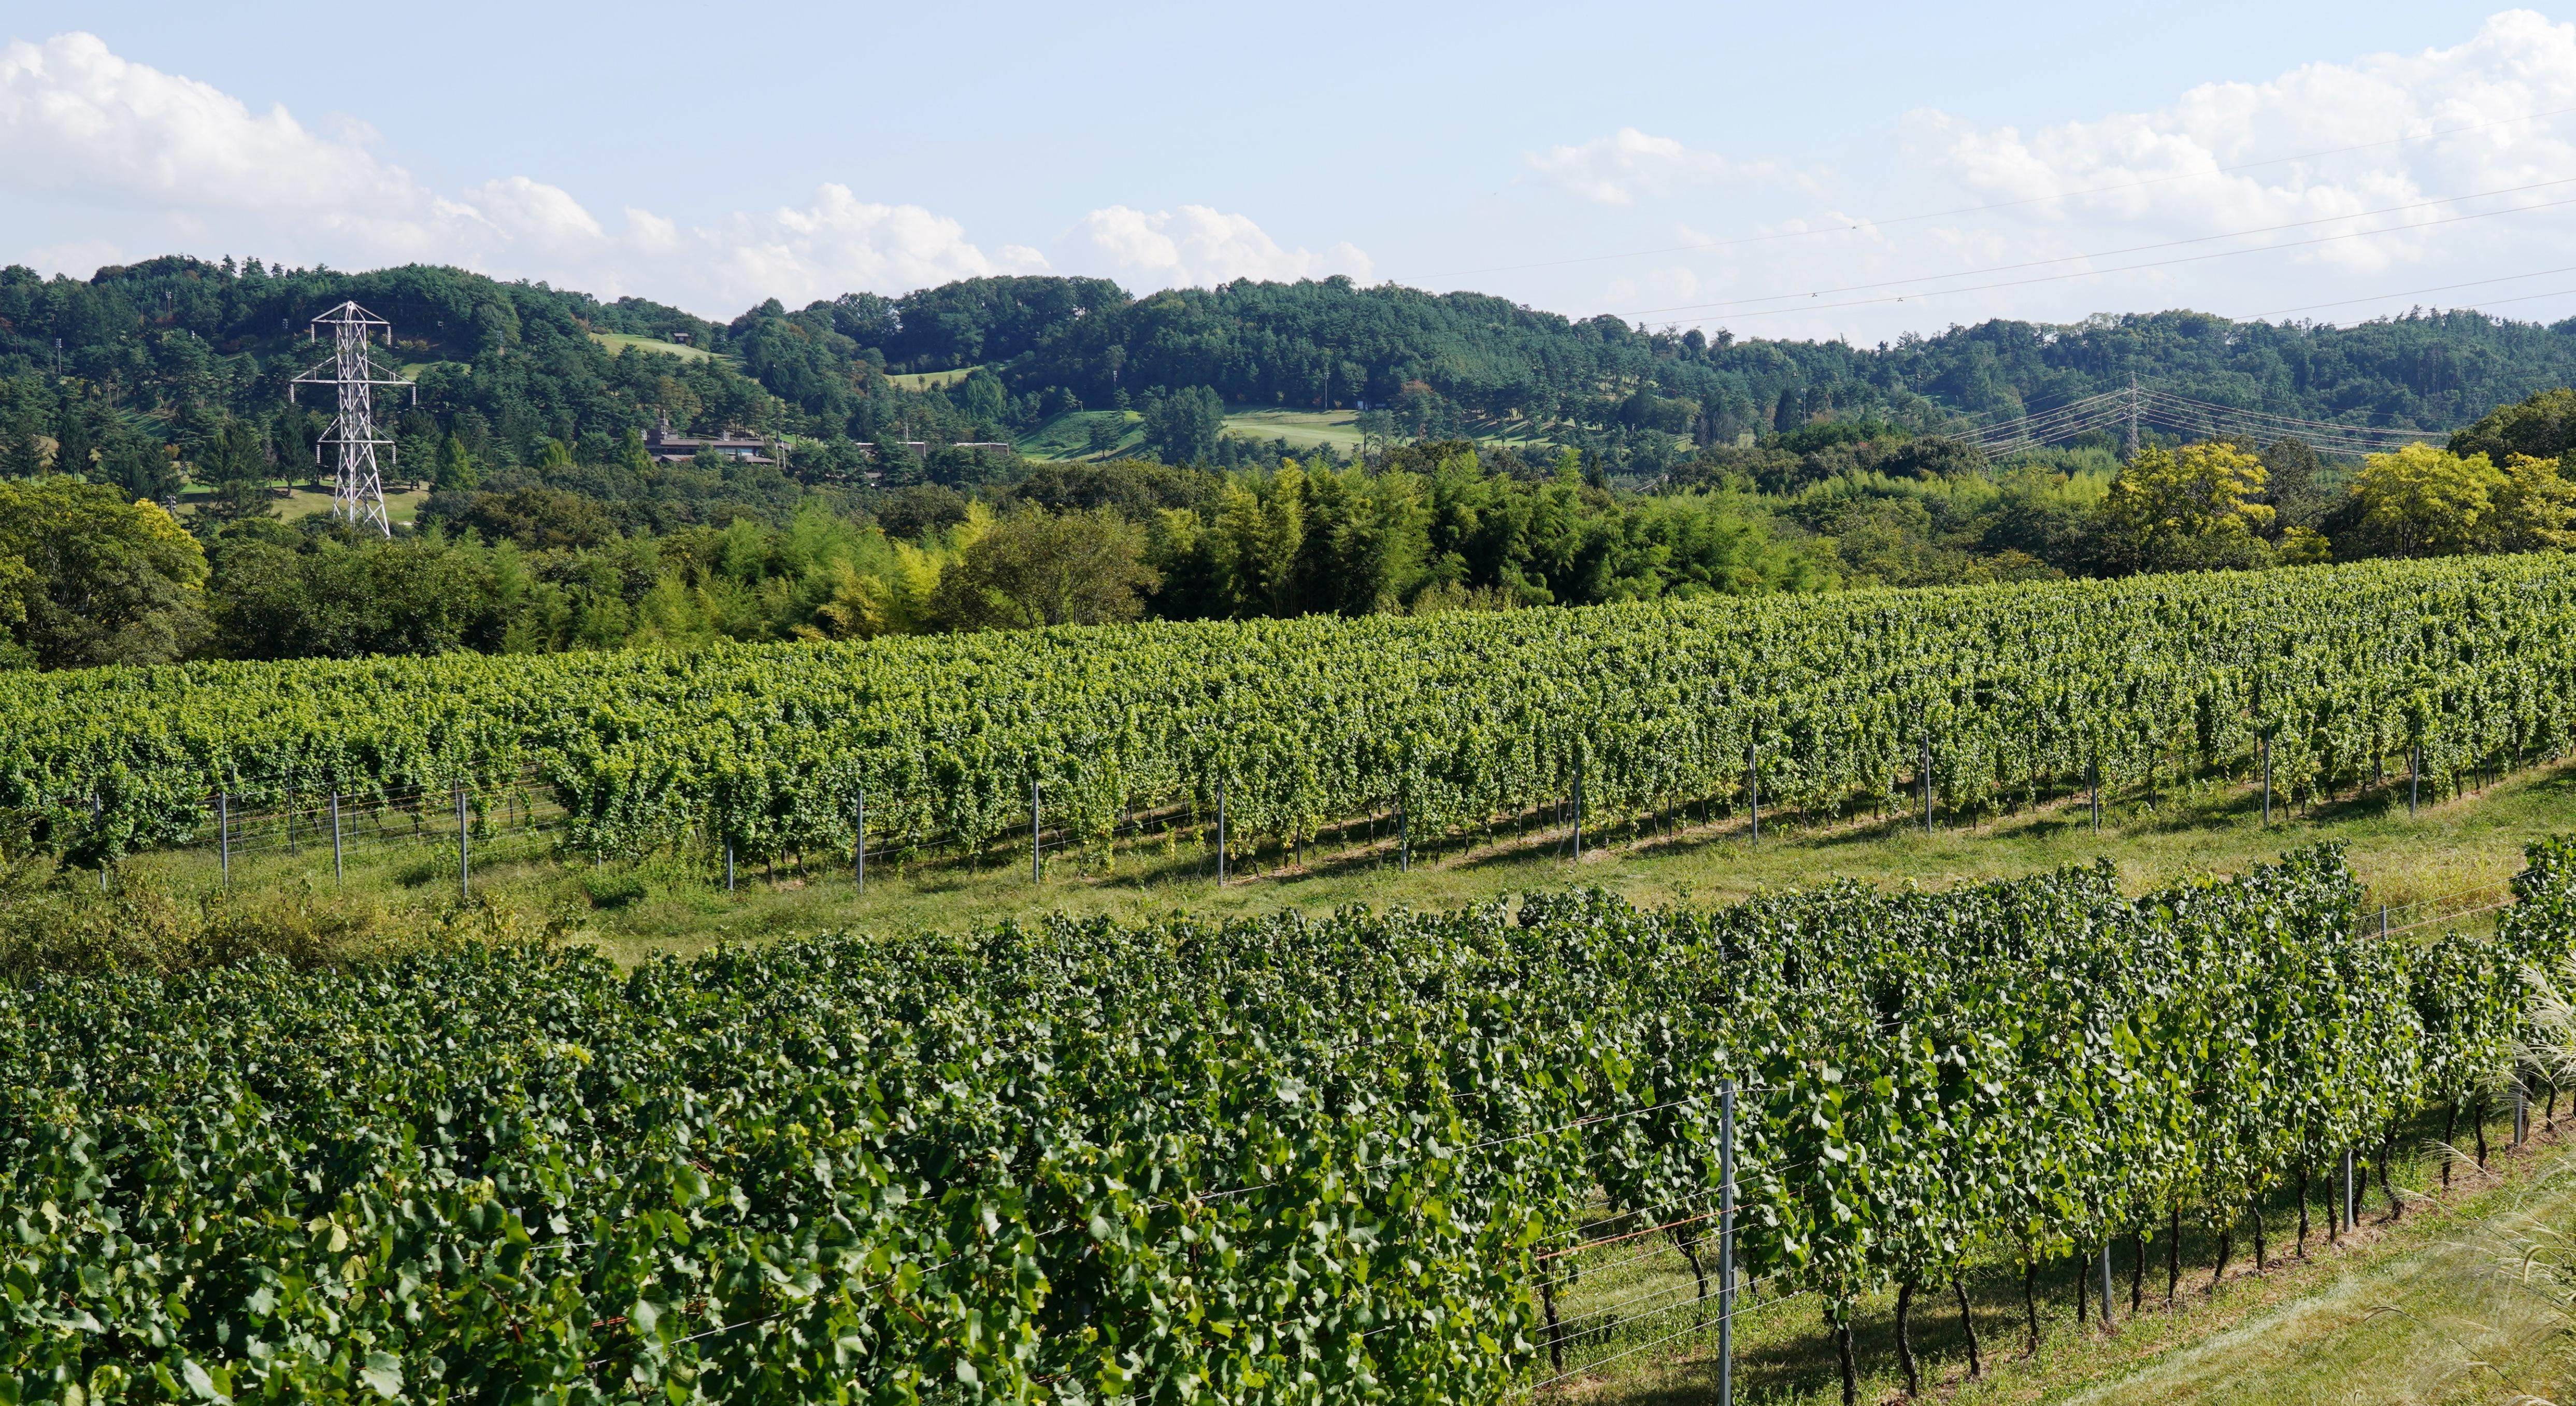 椀子ヴィンヤードでは、シャルドネ、メルローを主体とした8種類のブドウ品種を栽培。約29ヘクタールの広大なブドウ畑は今後も拡大される予定